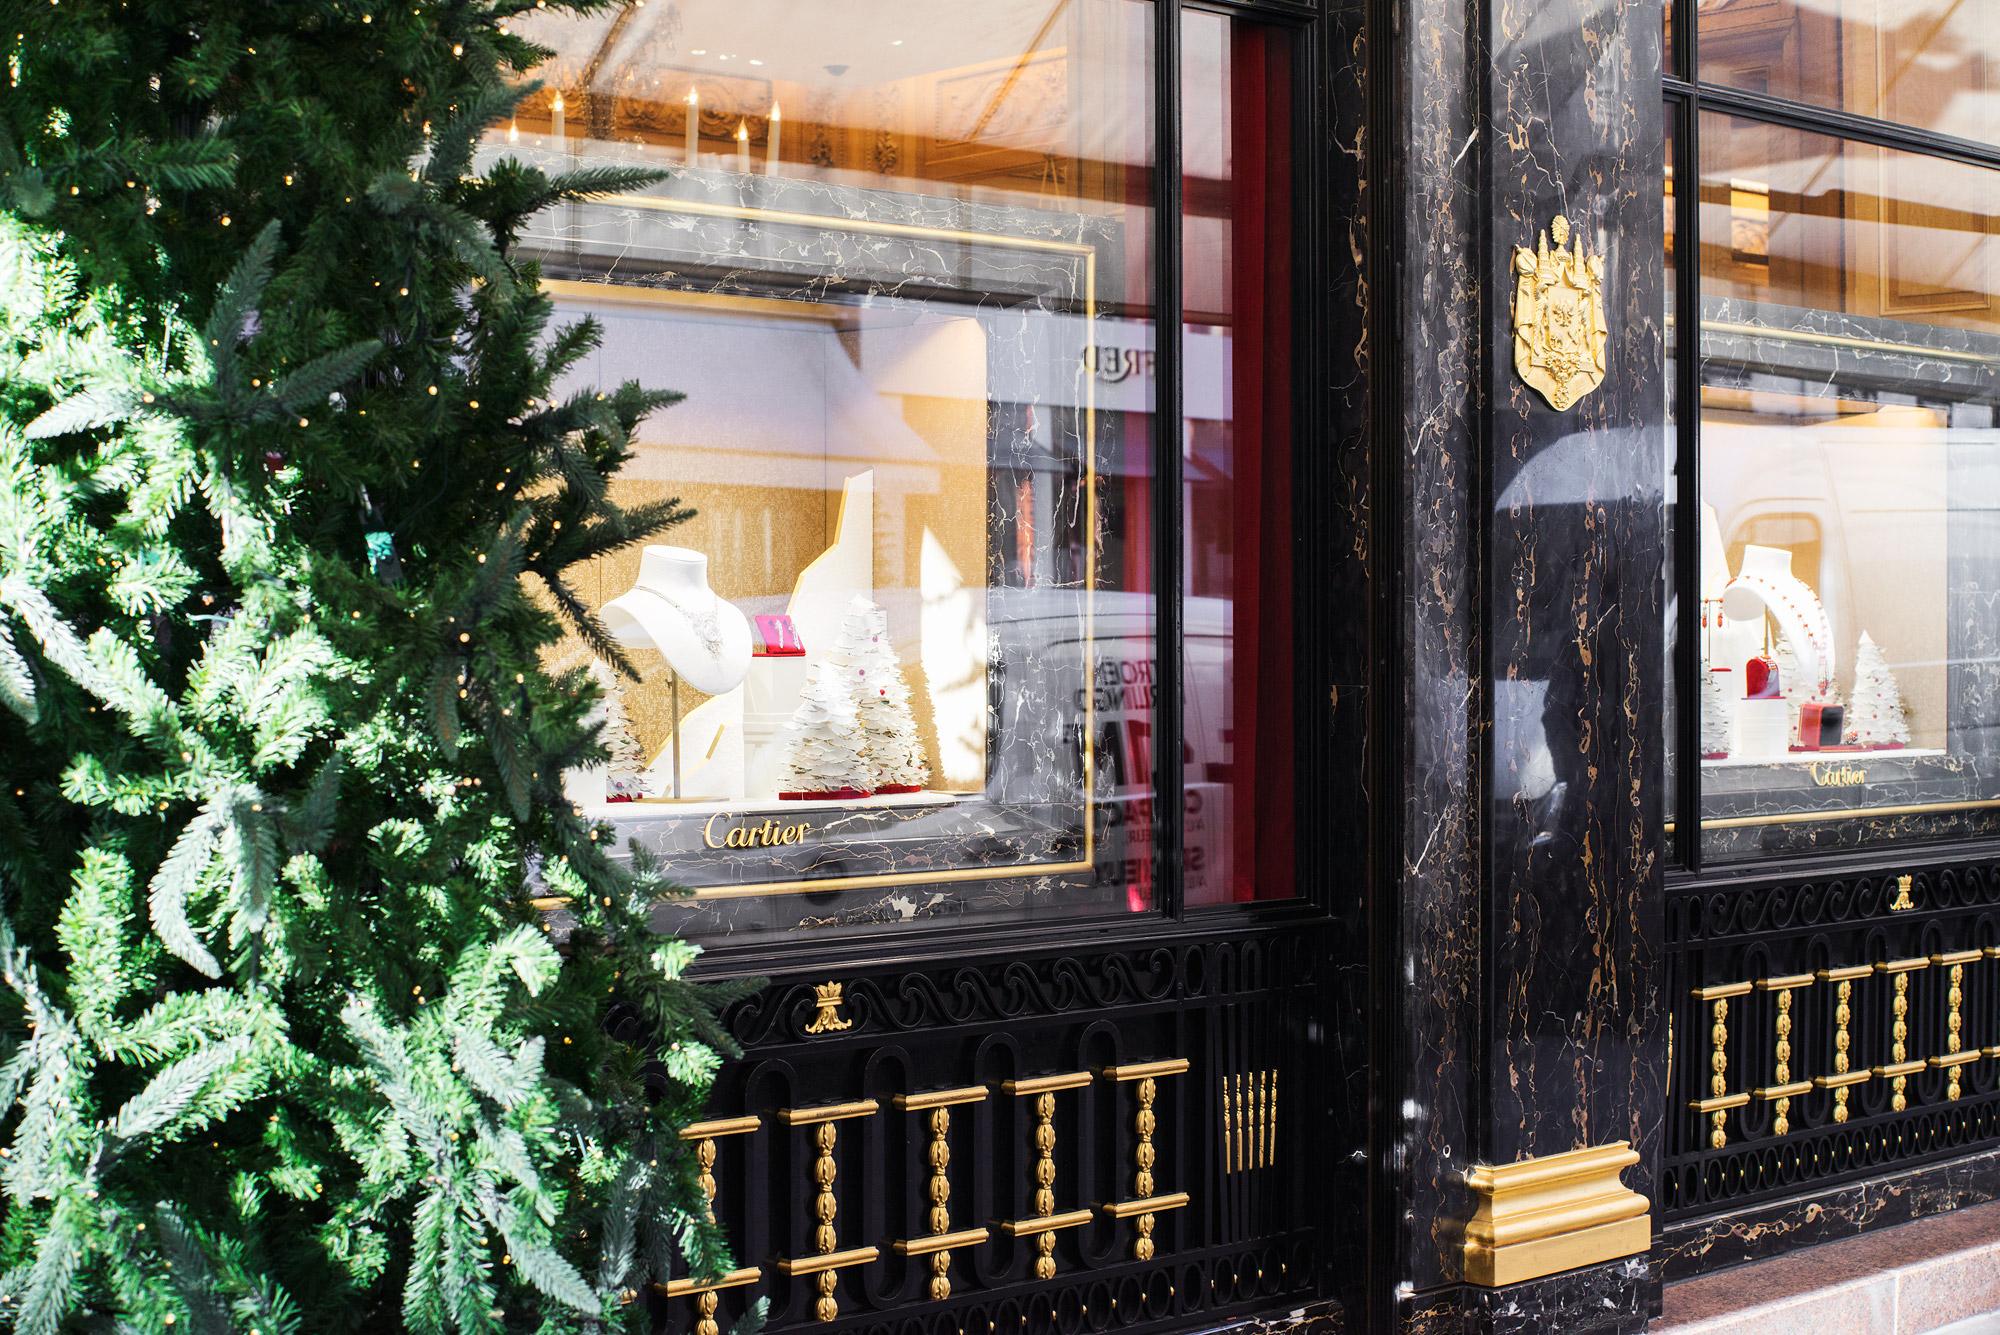 Chez Cartier